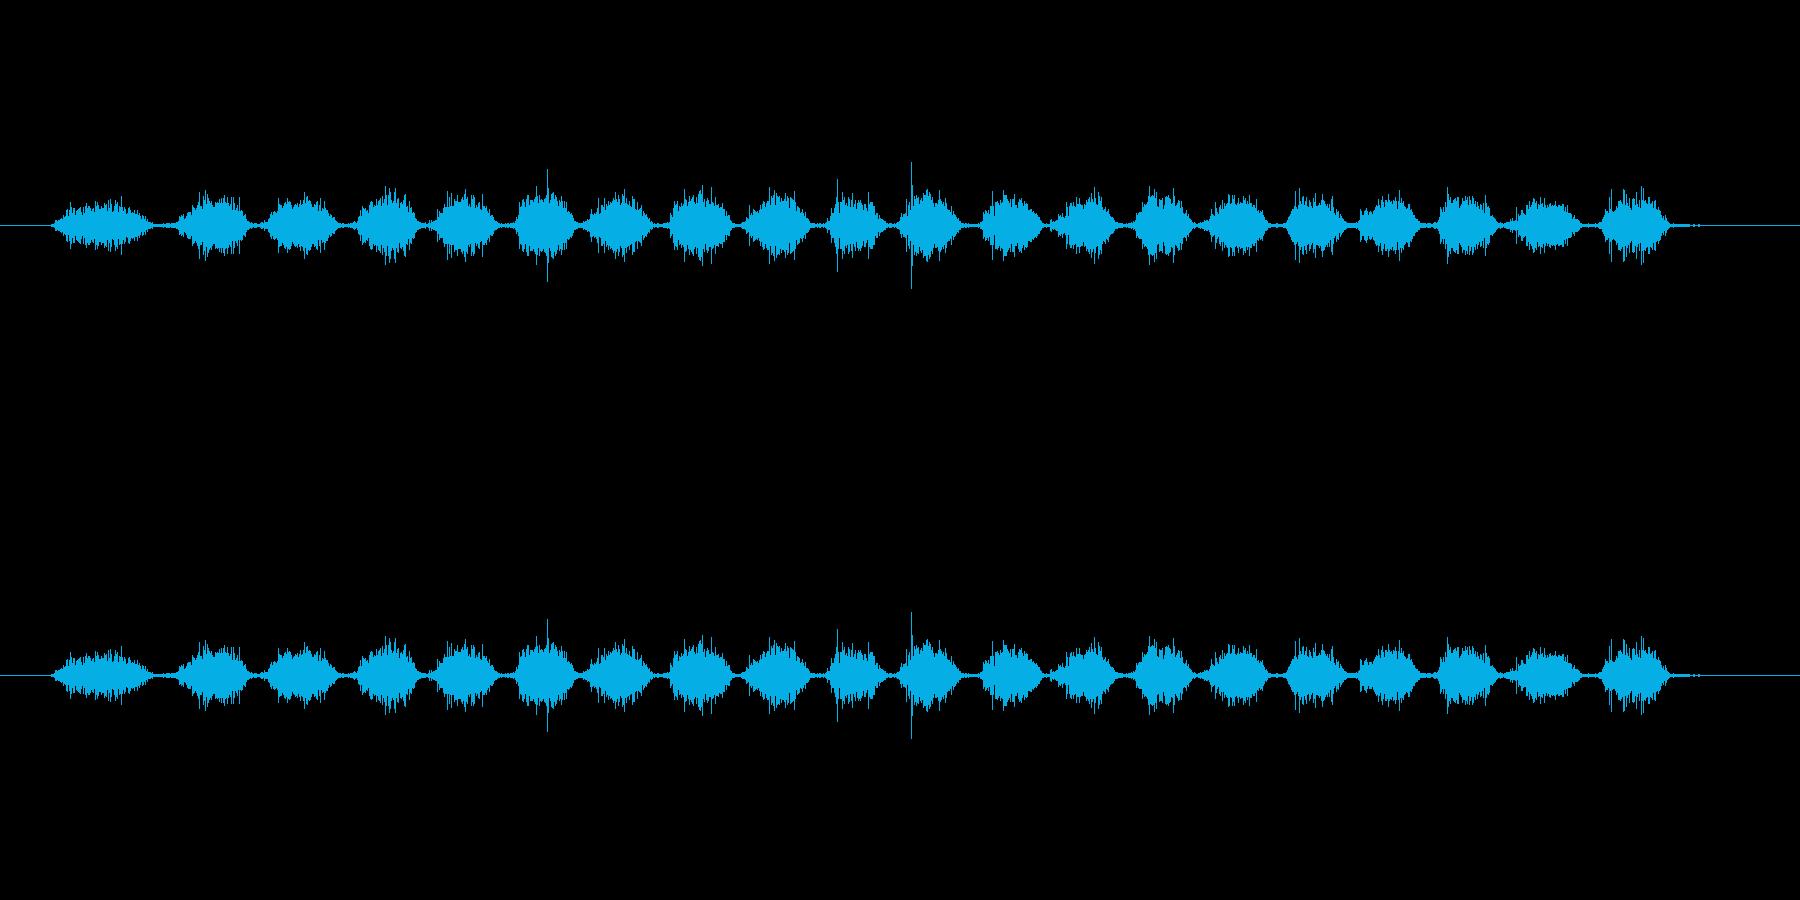 【消しゴム01-3(こする)】の再生済みの波形